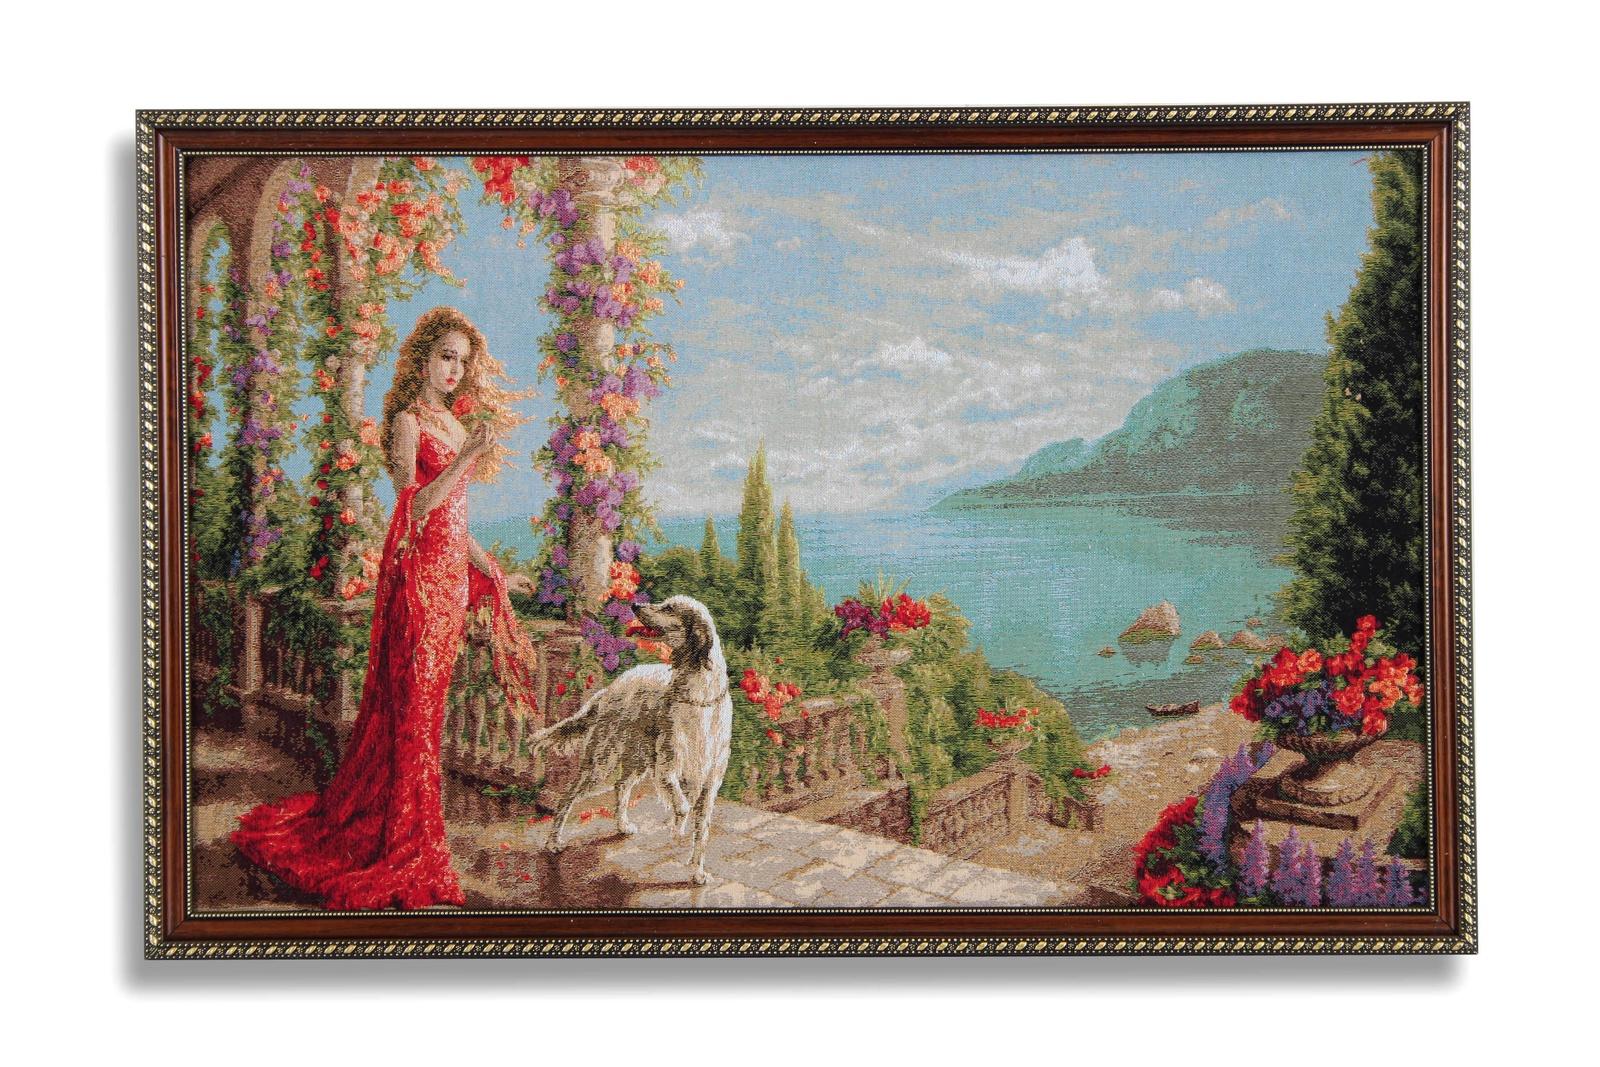 Картина Магазин гобеленов верность 50*77 см, Гобелен сирень картина верность 60 40 см